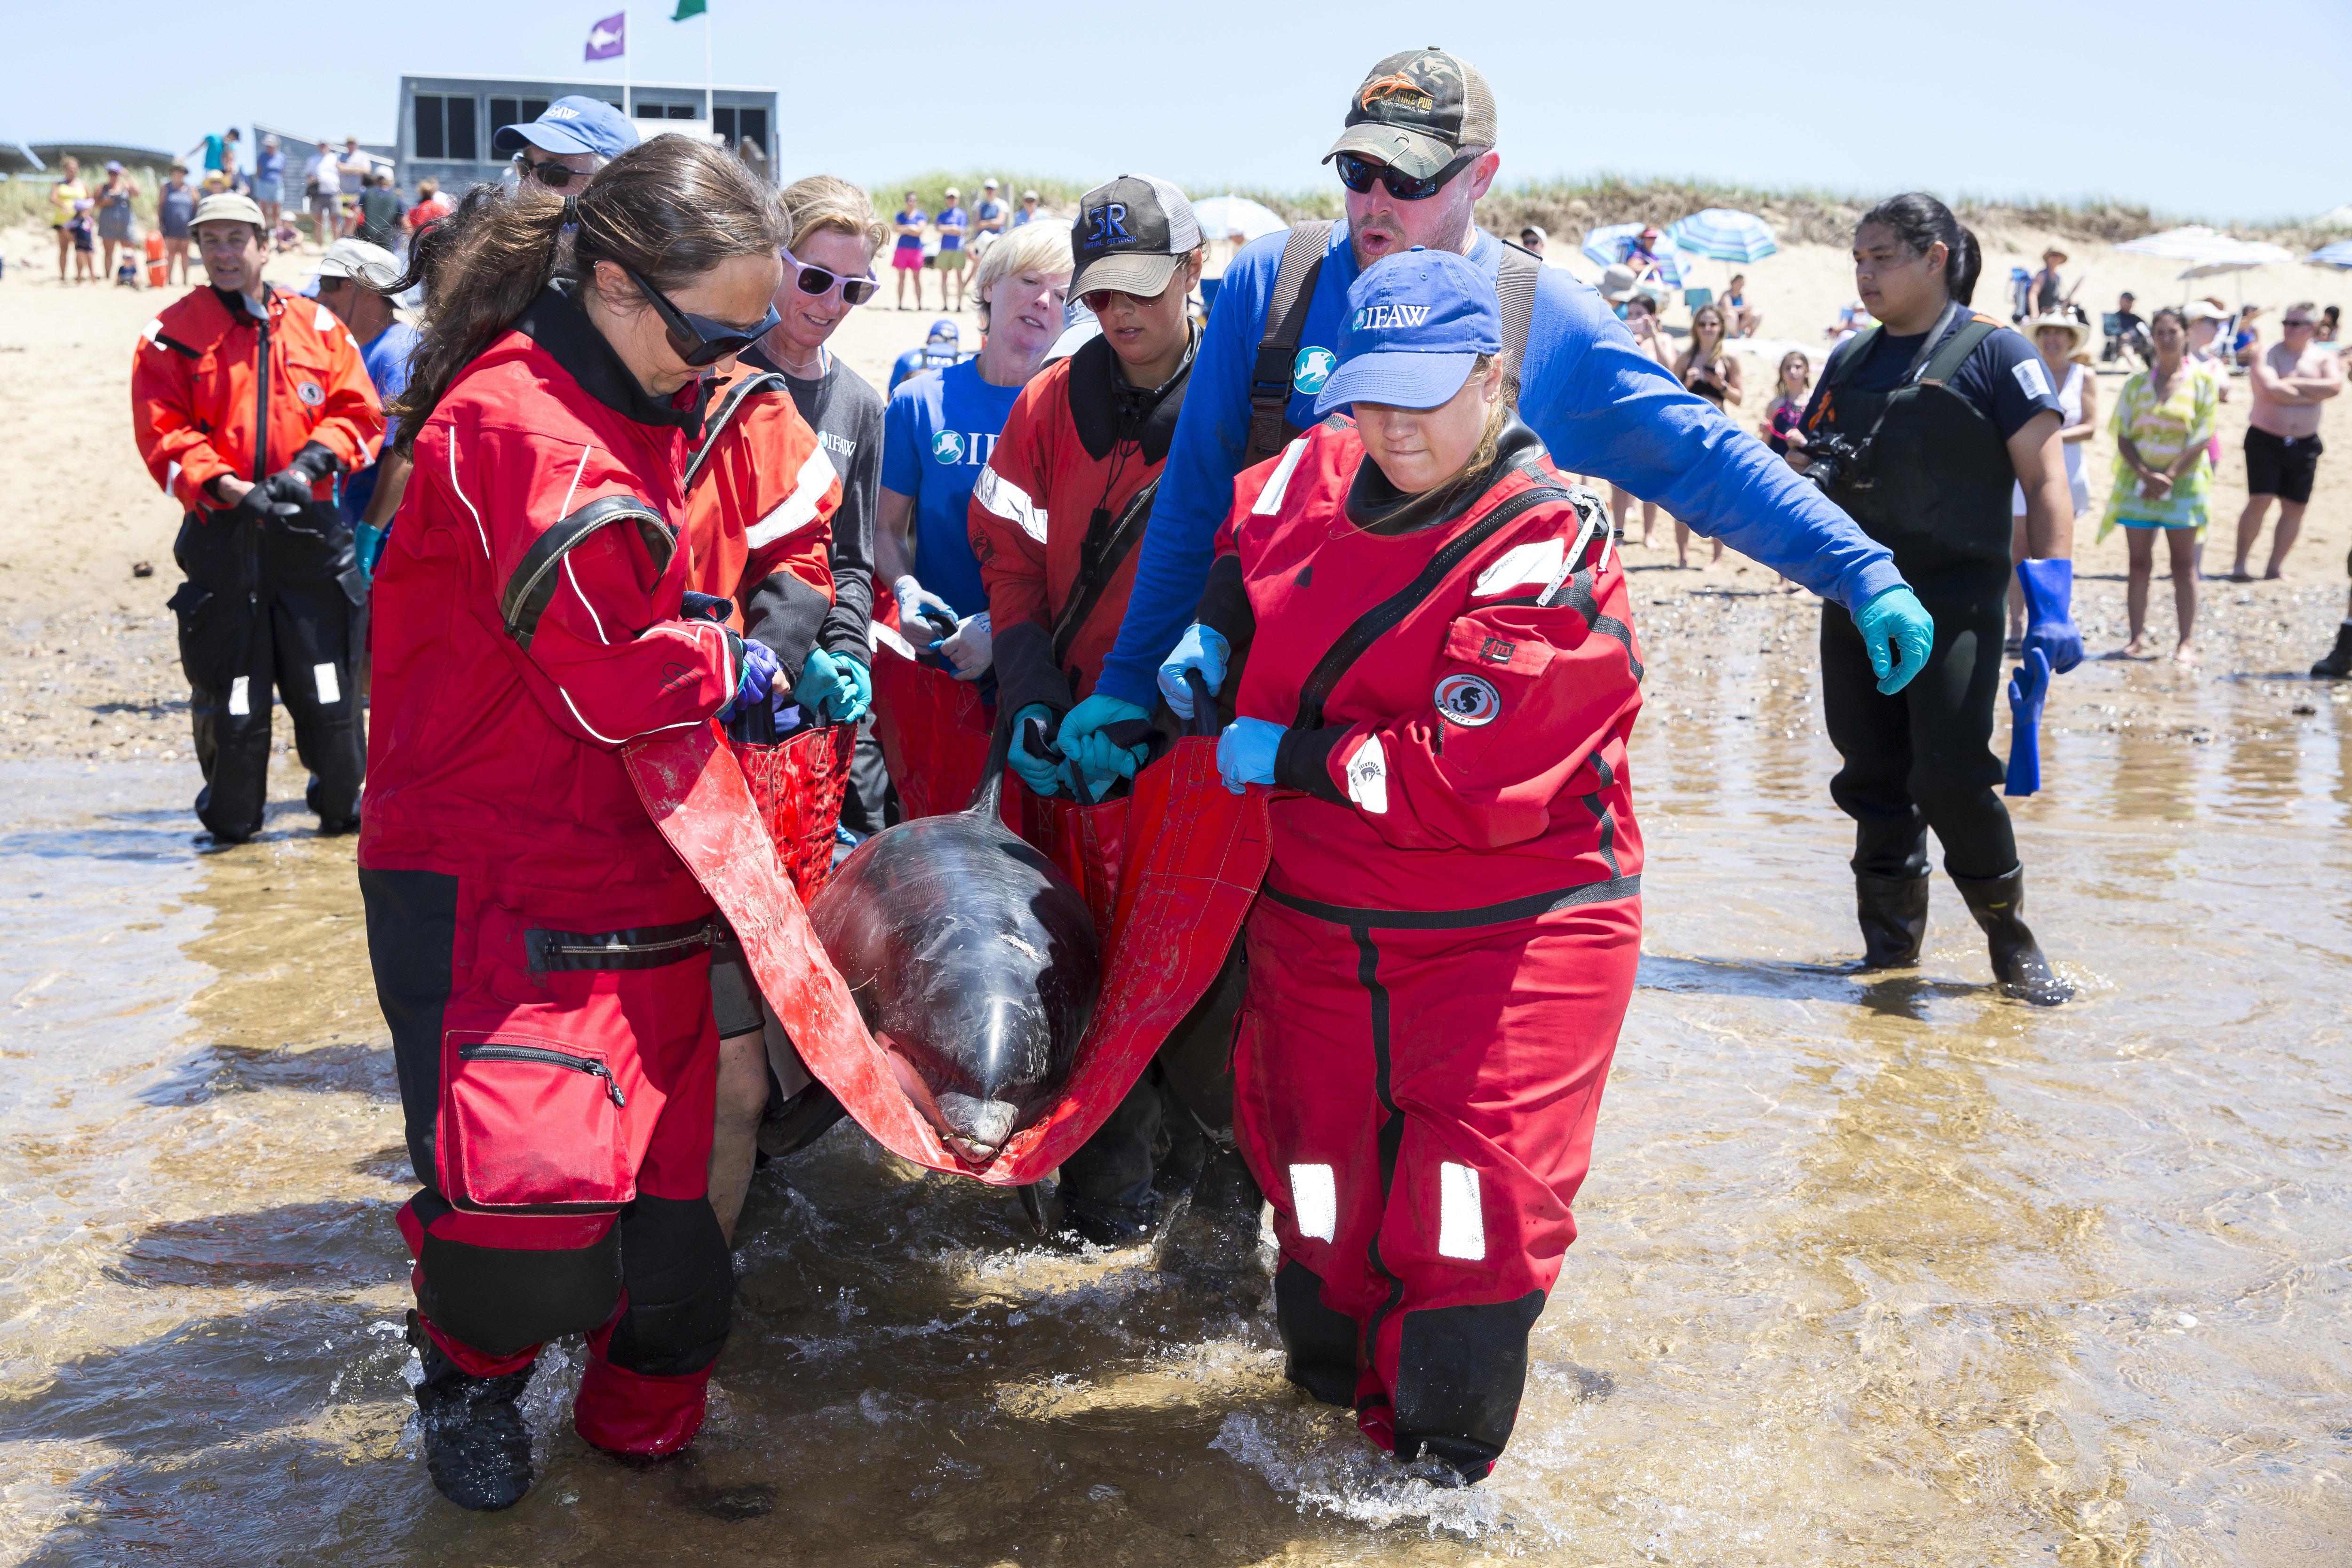 pas cher pour réduction grande variété de styles 60% pas cher Rescuers work to save dolphins stranded on Cape Cod; 10 ...